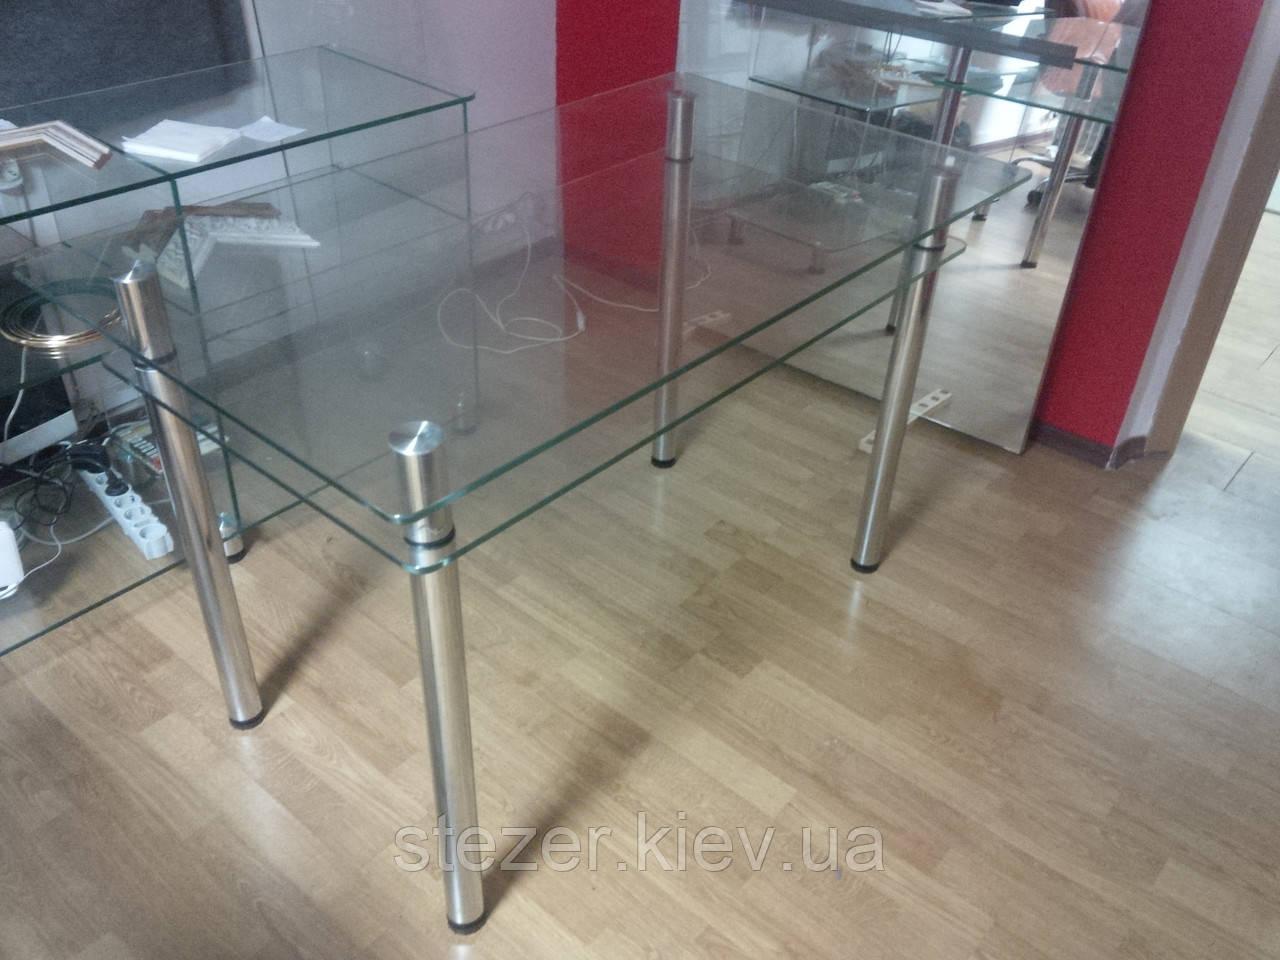 Обеденный прозрачный стол